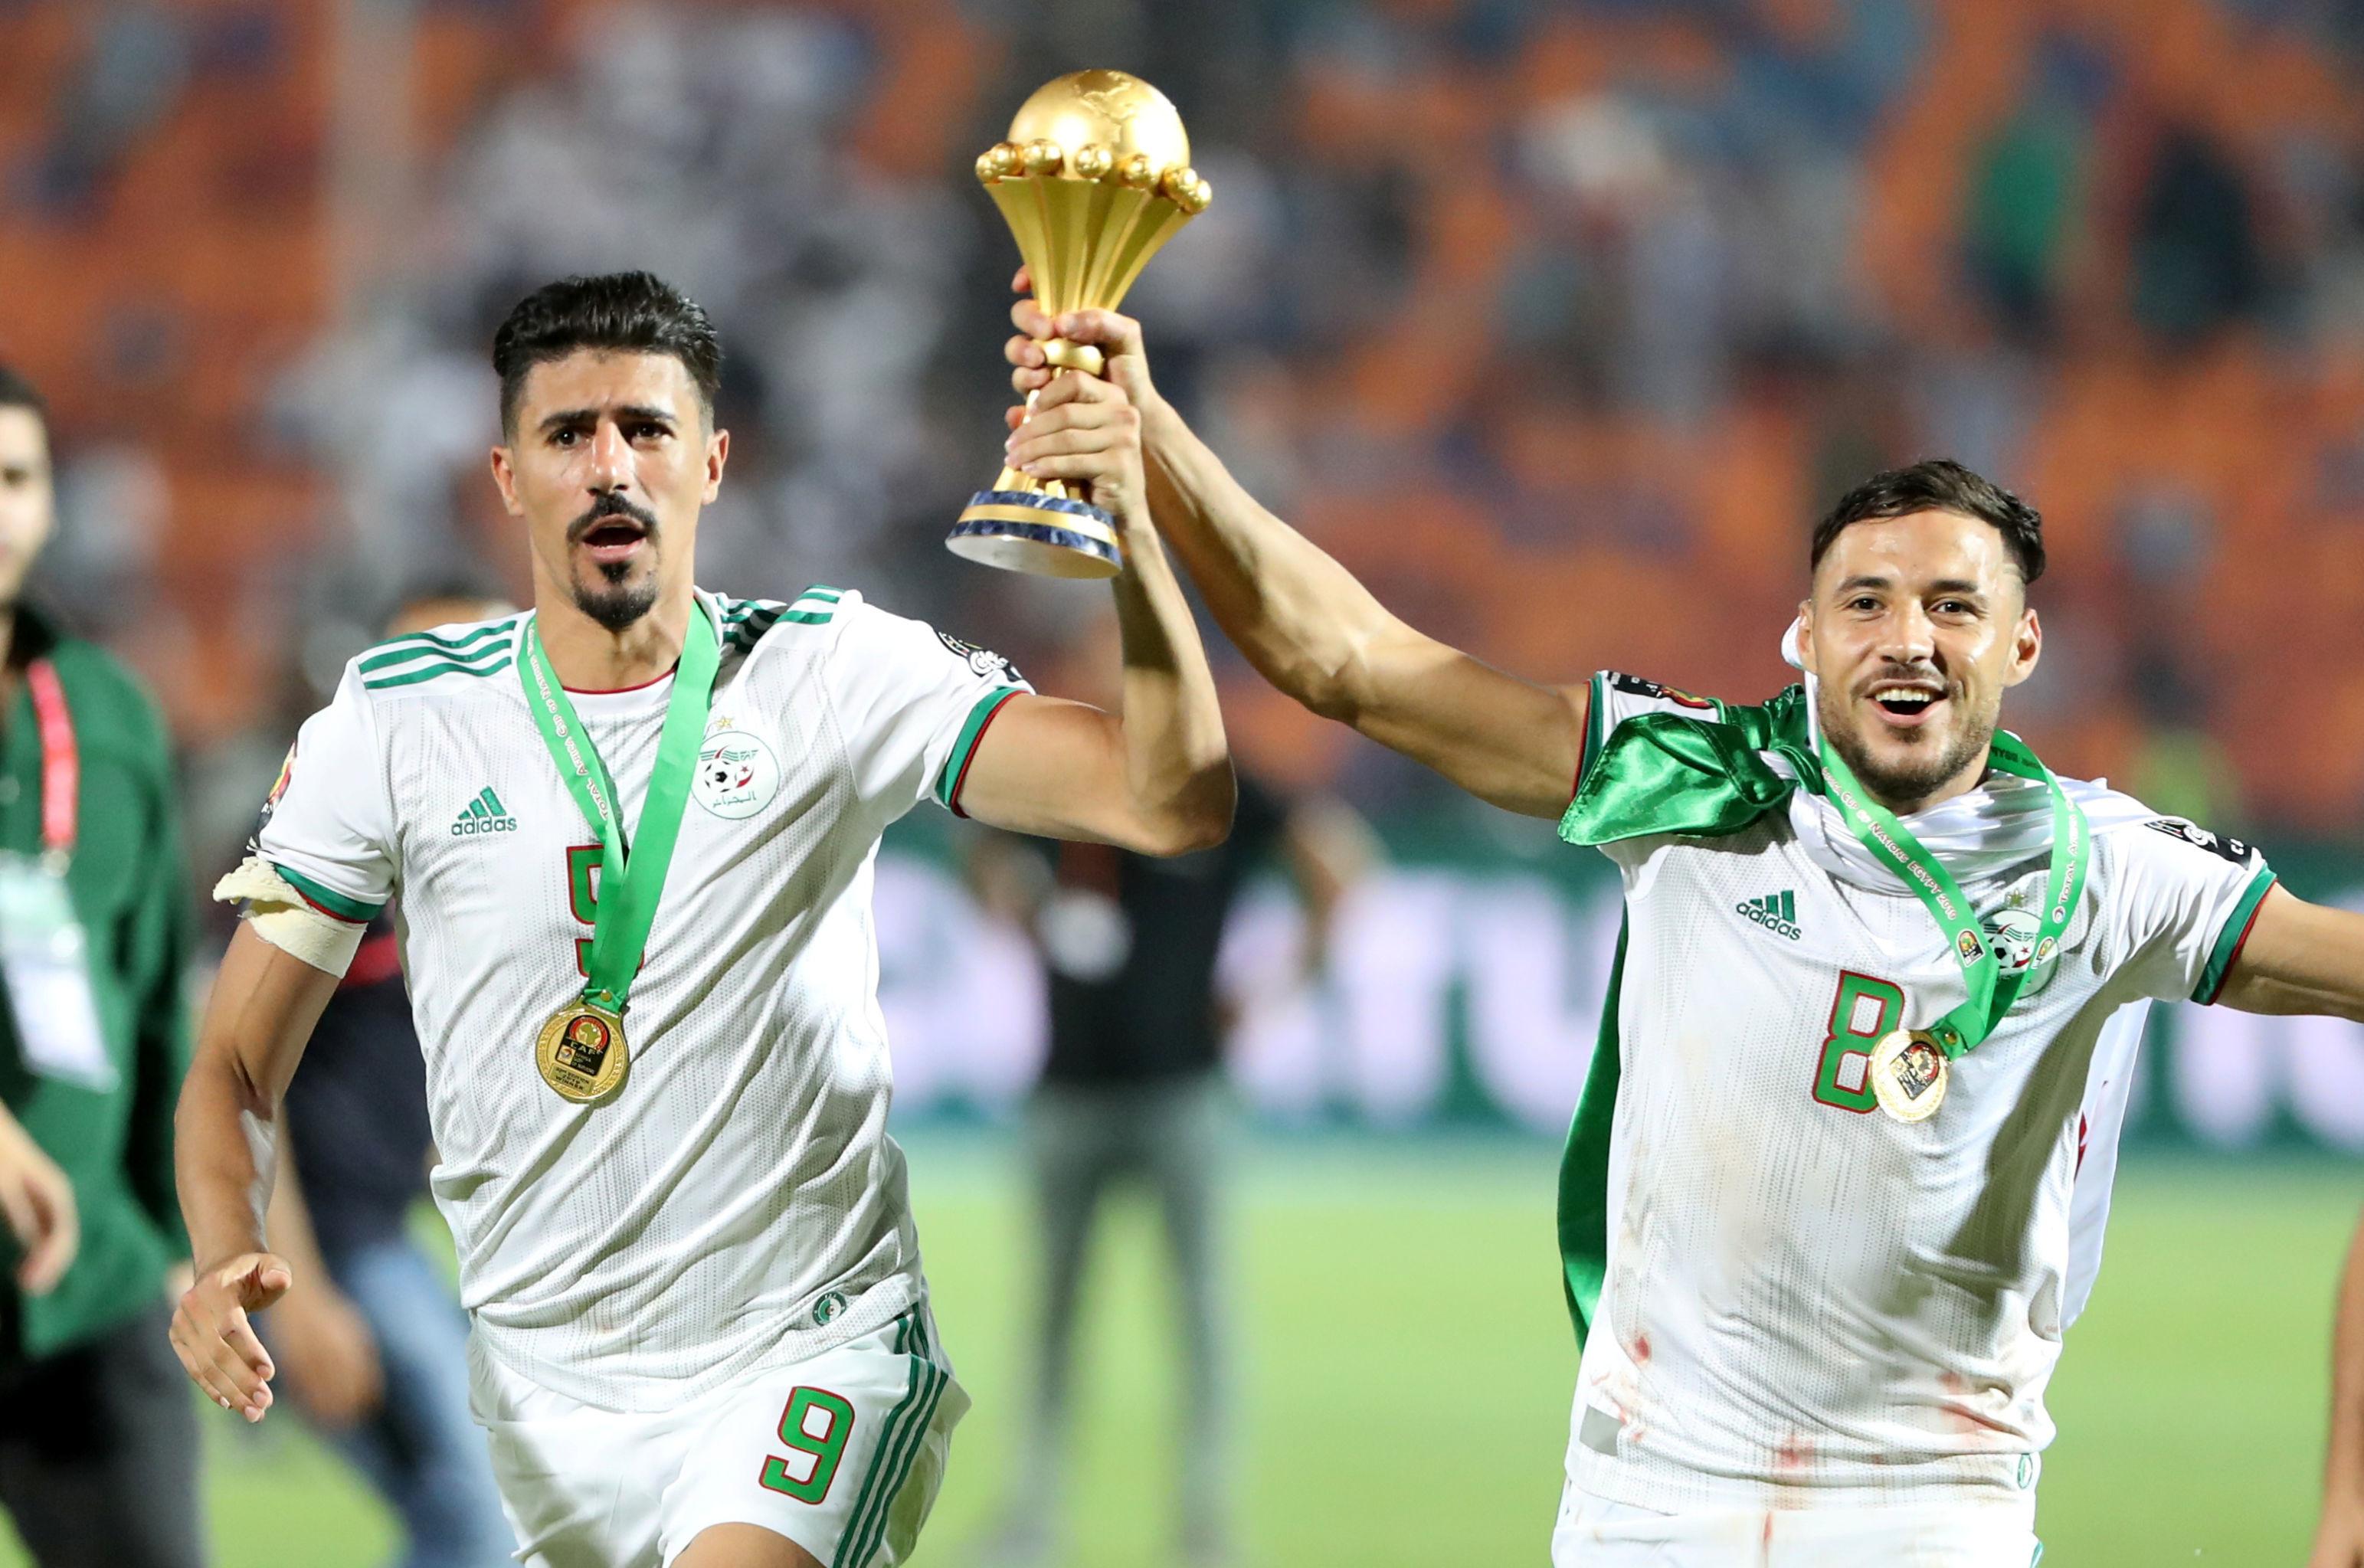 Los futbolistas argelinos Baghdad Bounedjah (izda.) y Youcef Belaili (dcha.) celebran su victoria en la Copa Africana de Naciones de 2019, en el Cairo (Egipto), el 19 de julio de 2019